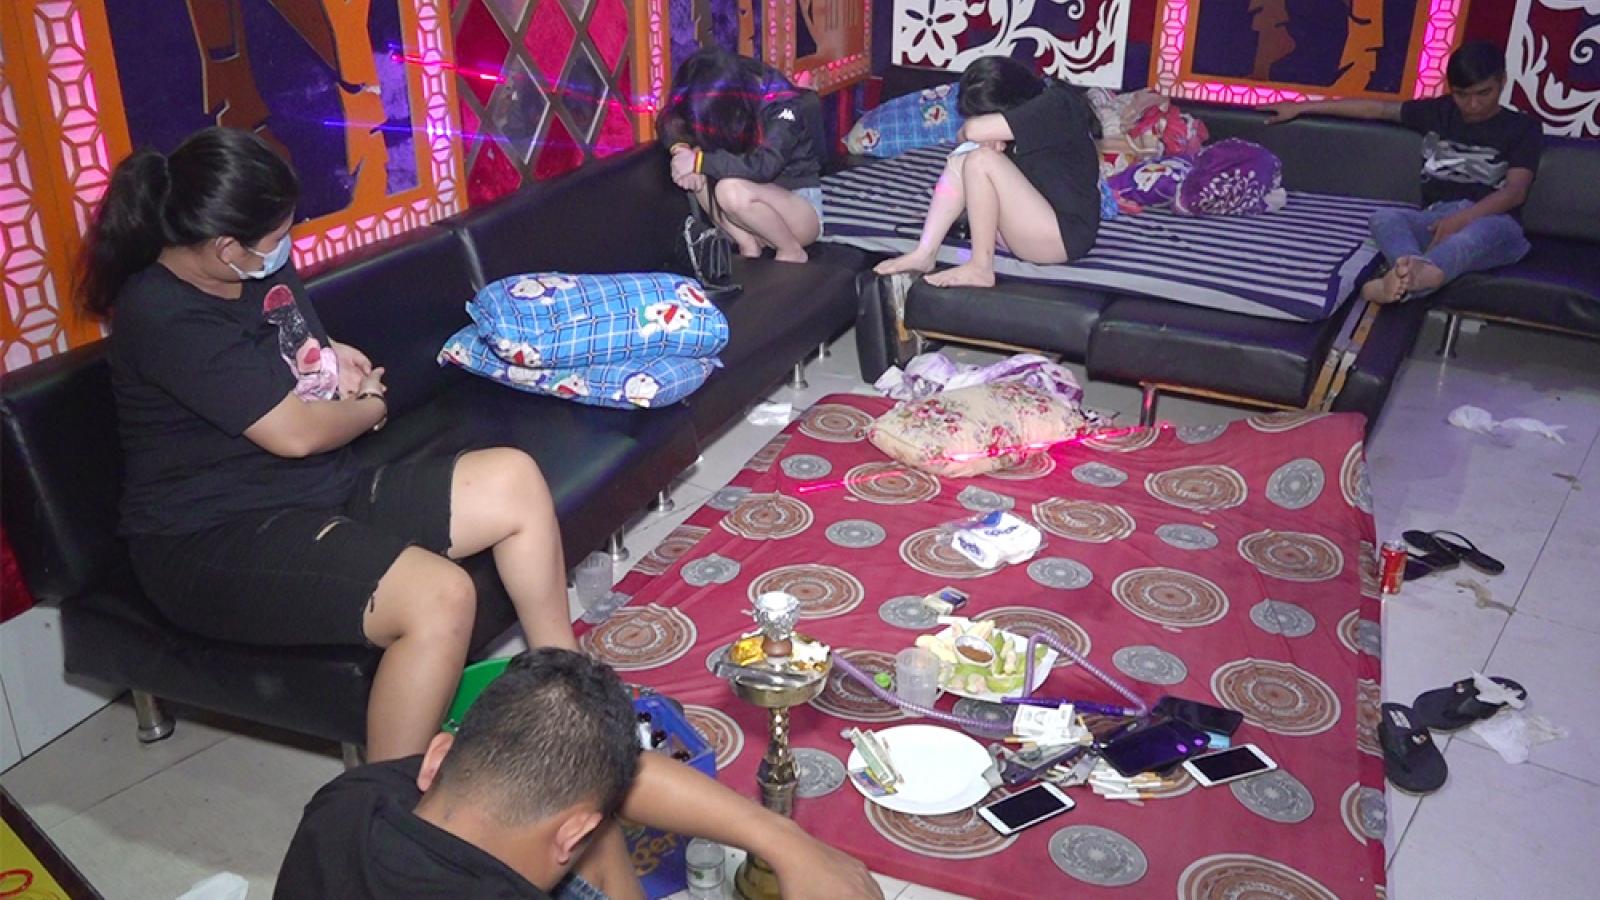 Phát hiện 19 đối tượng dương tính với ma túy trong quán karaoke